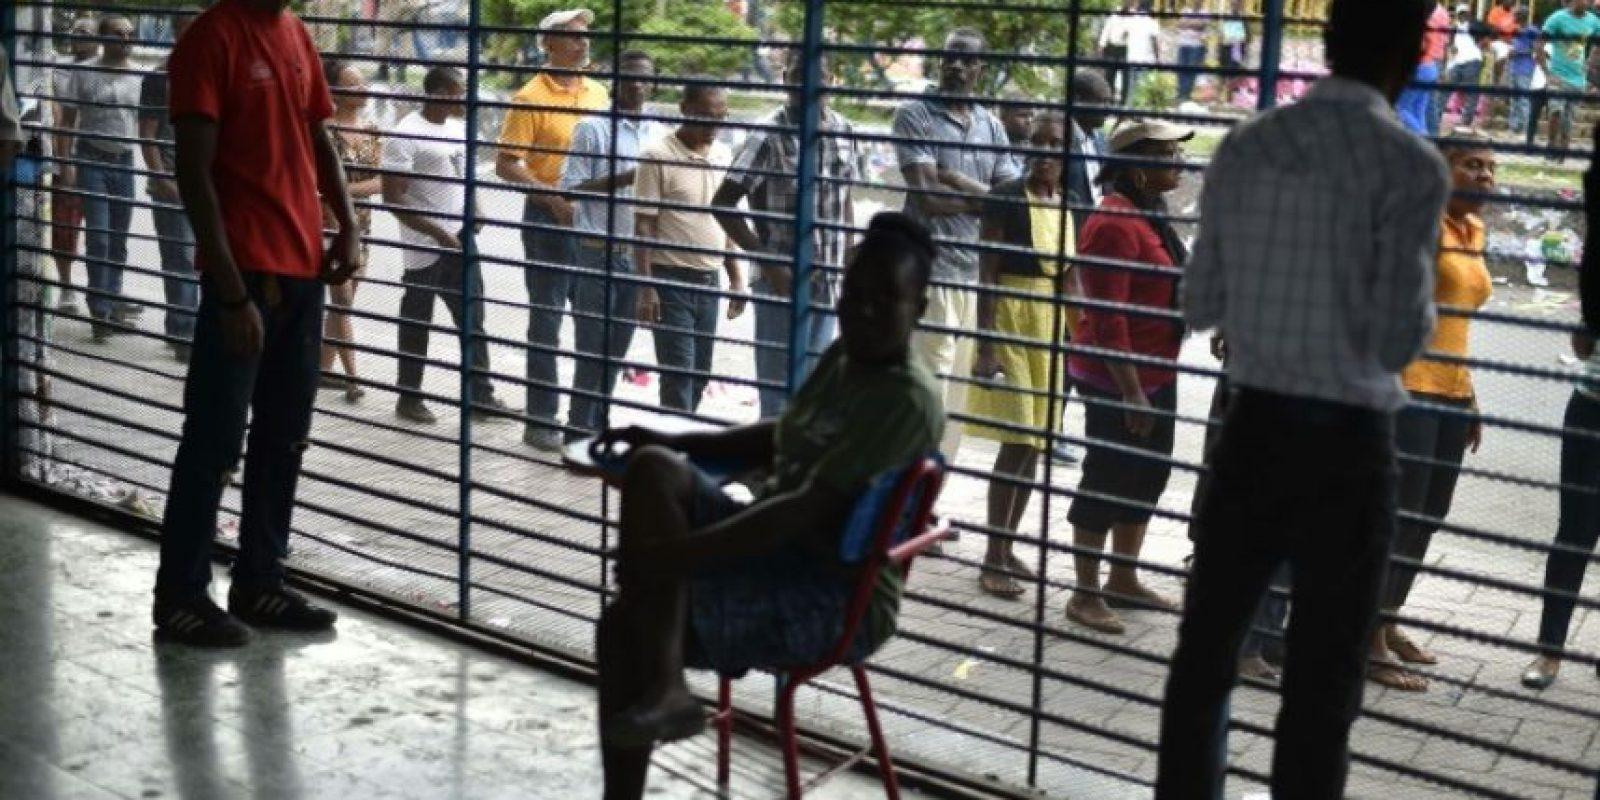 Haitianos en una fila esperan para votar en Petion Ville, barrio de Puerto Príncipe, el 20 de noviembre de 2016 Foto:Héctor Retamal/afp.com